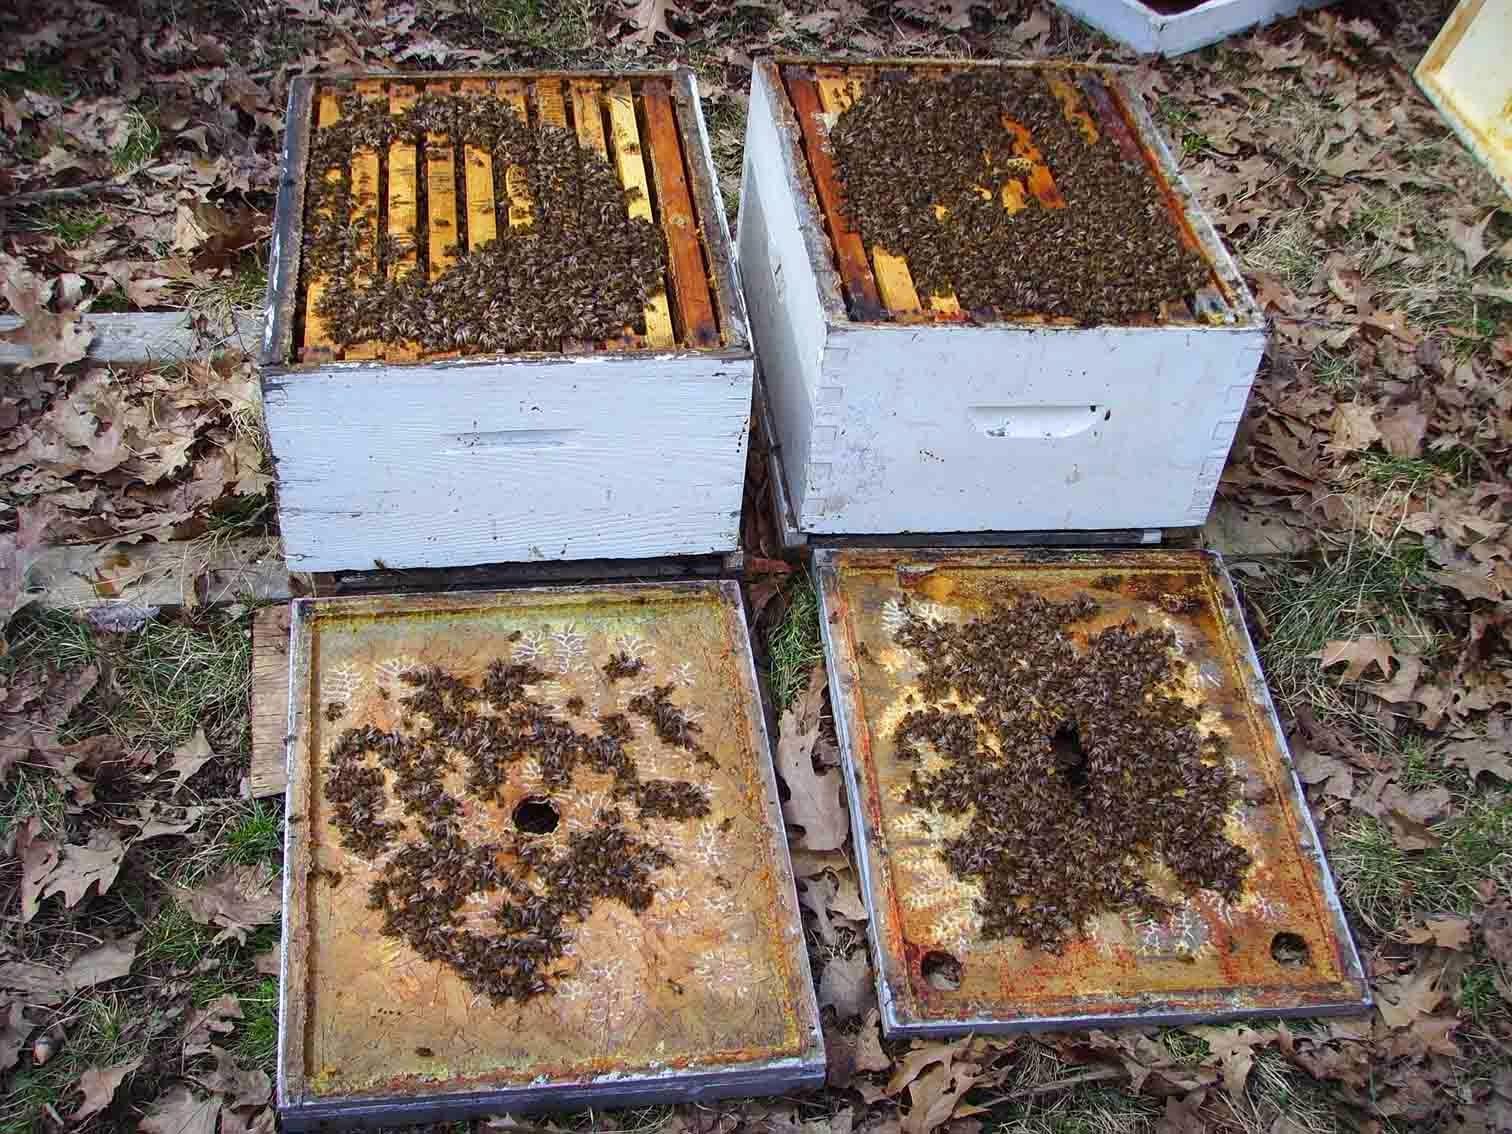 Канадское пчеловодство. Личный опыт: Галерея